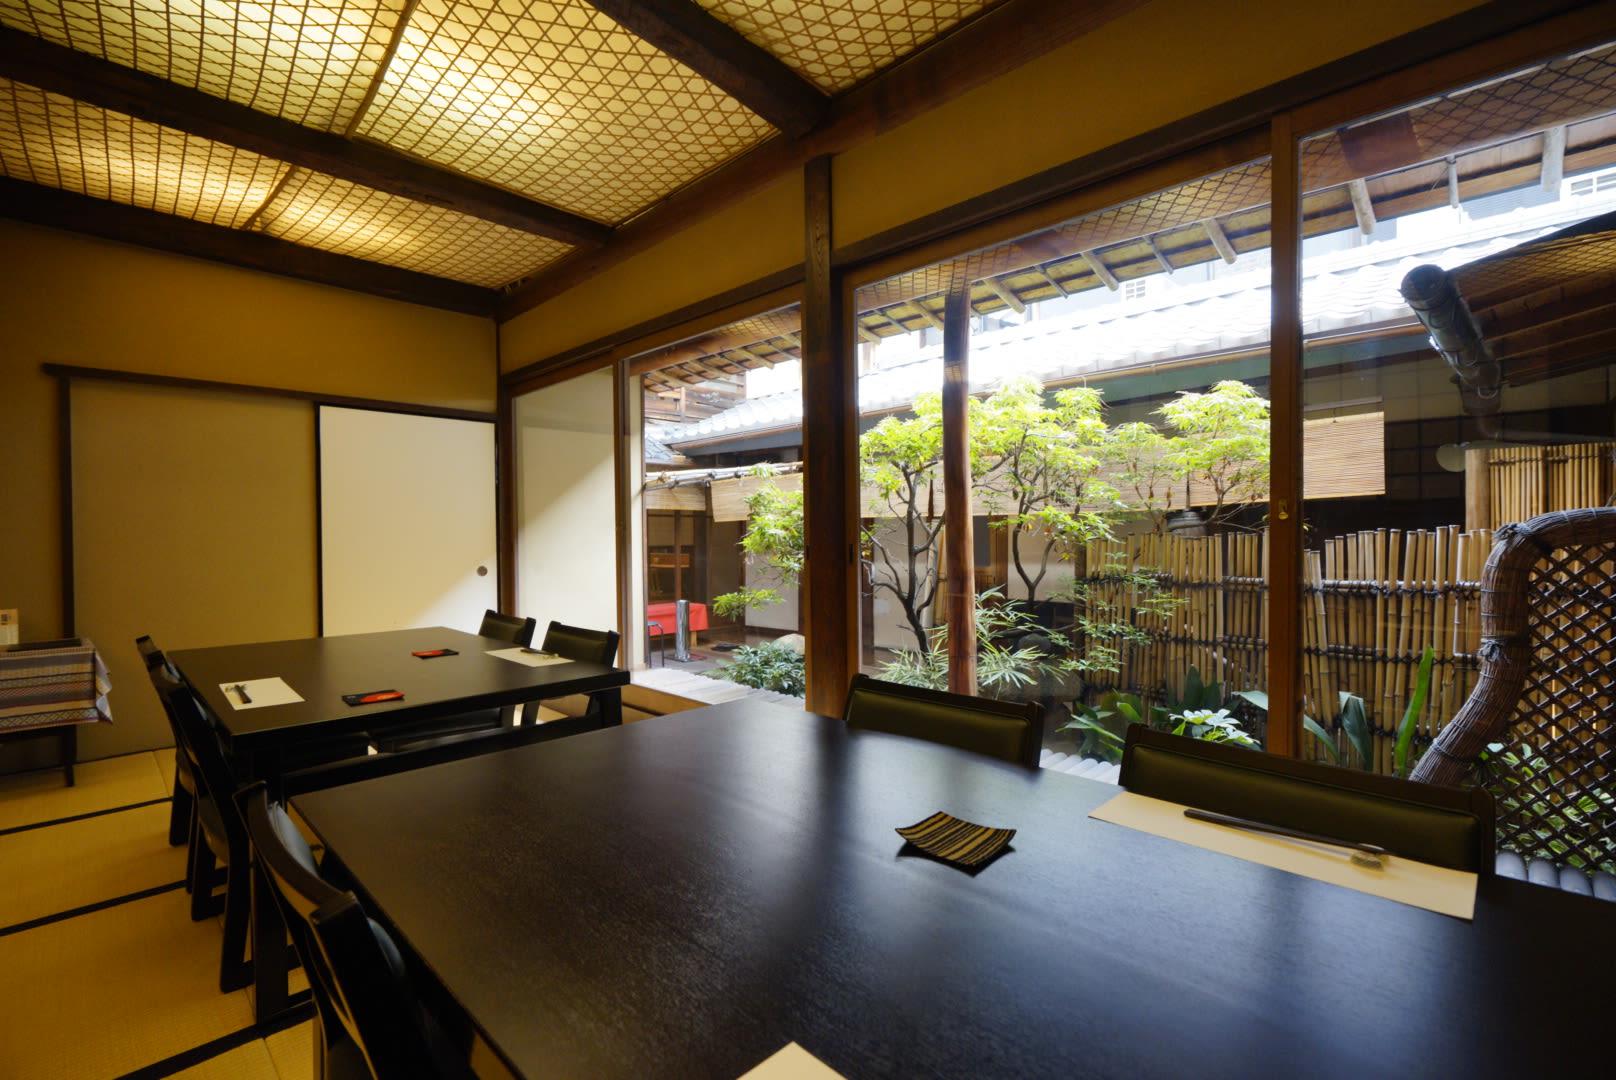 nhà hàng kyoto obanzai là một nơi đáng ghé trong lịch trình ngắm mùa thu ở kyoto